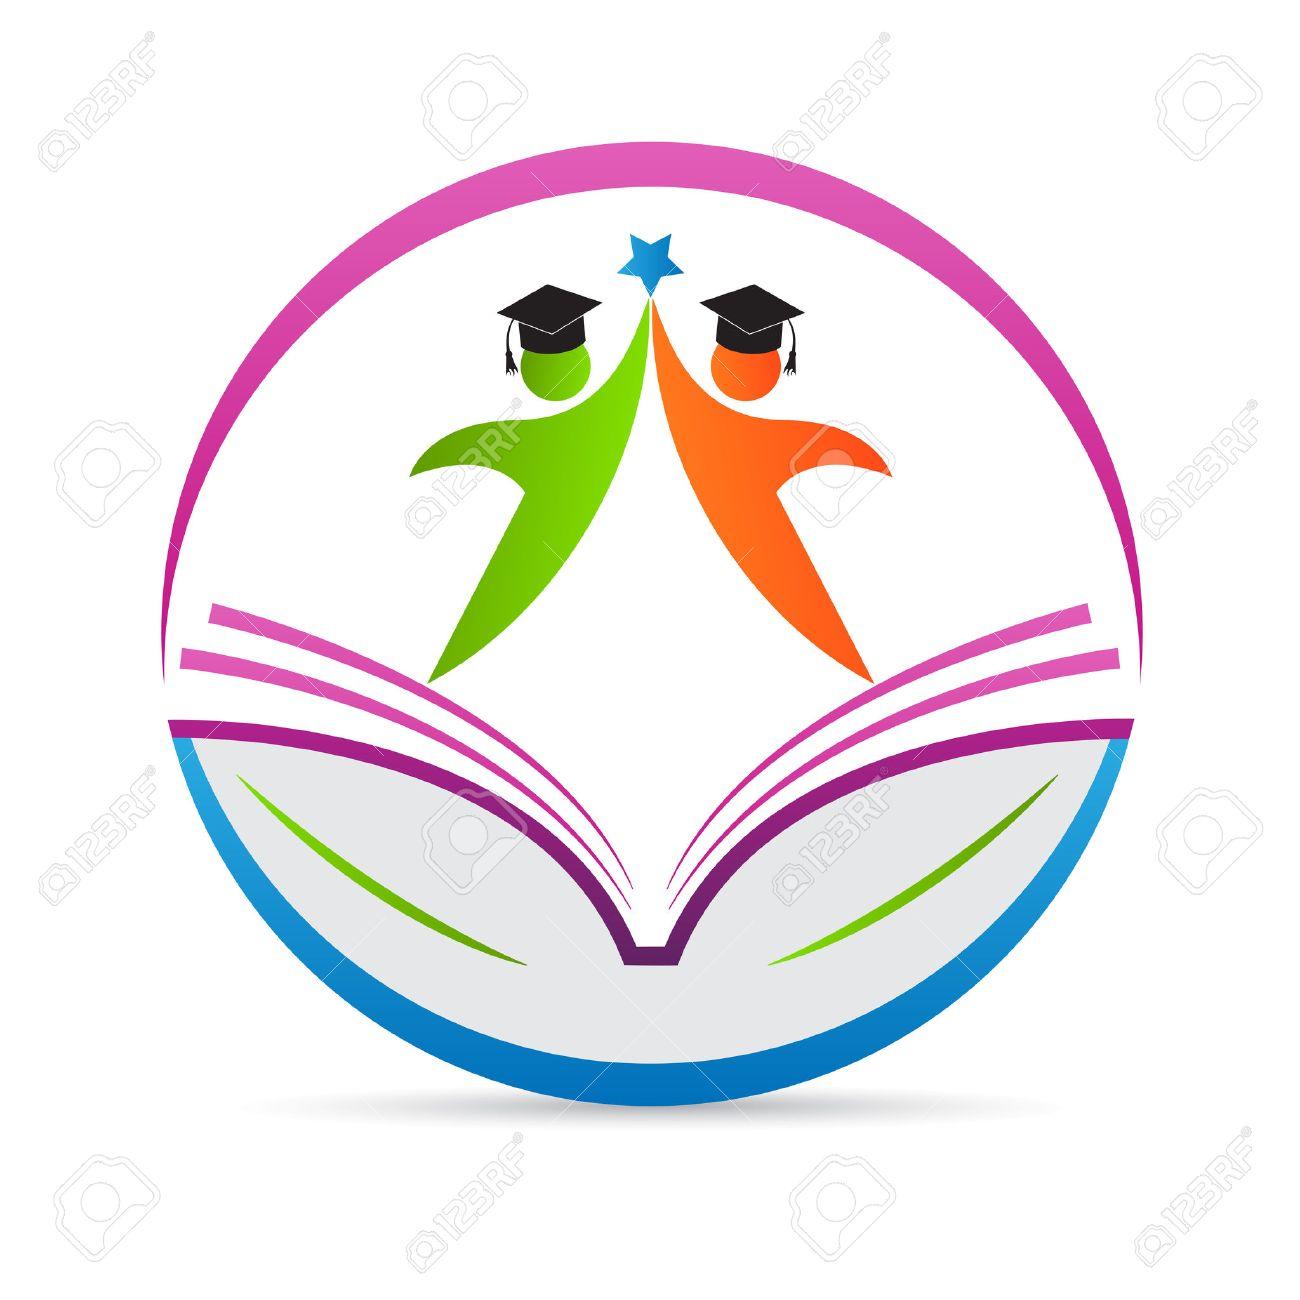 Education logo vector design represents school emblem concept..